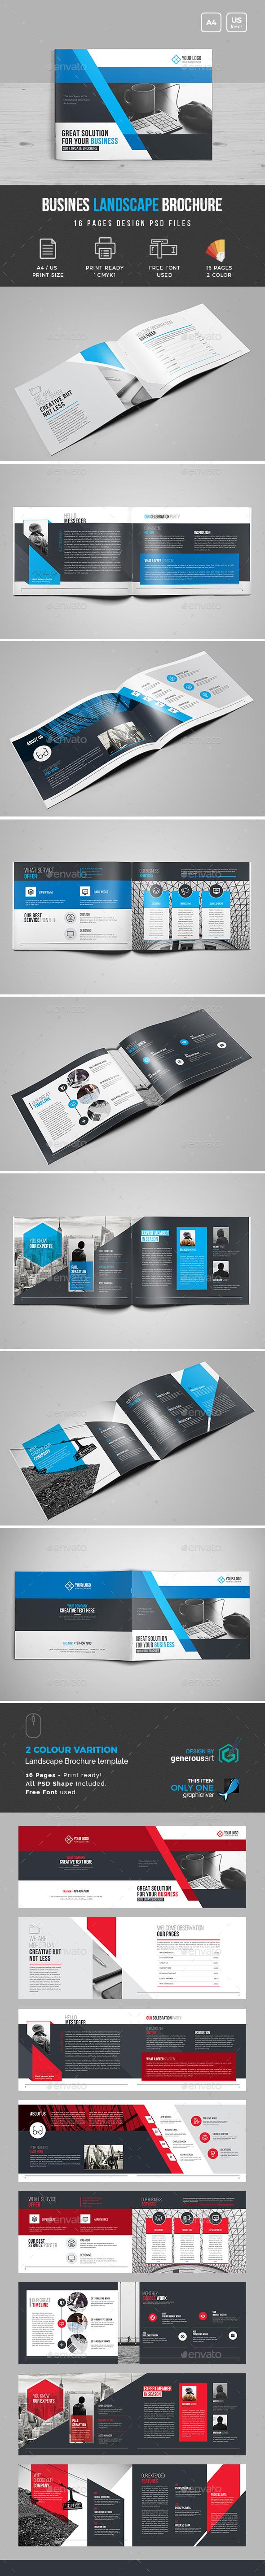 Landscape Bi-Fold Brochure Template - Corporate Brochures